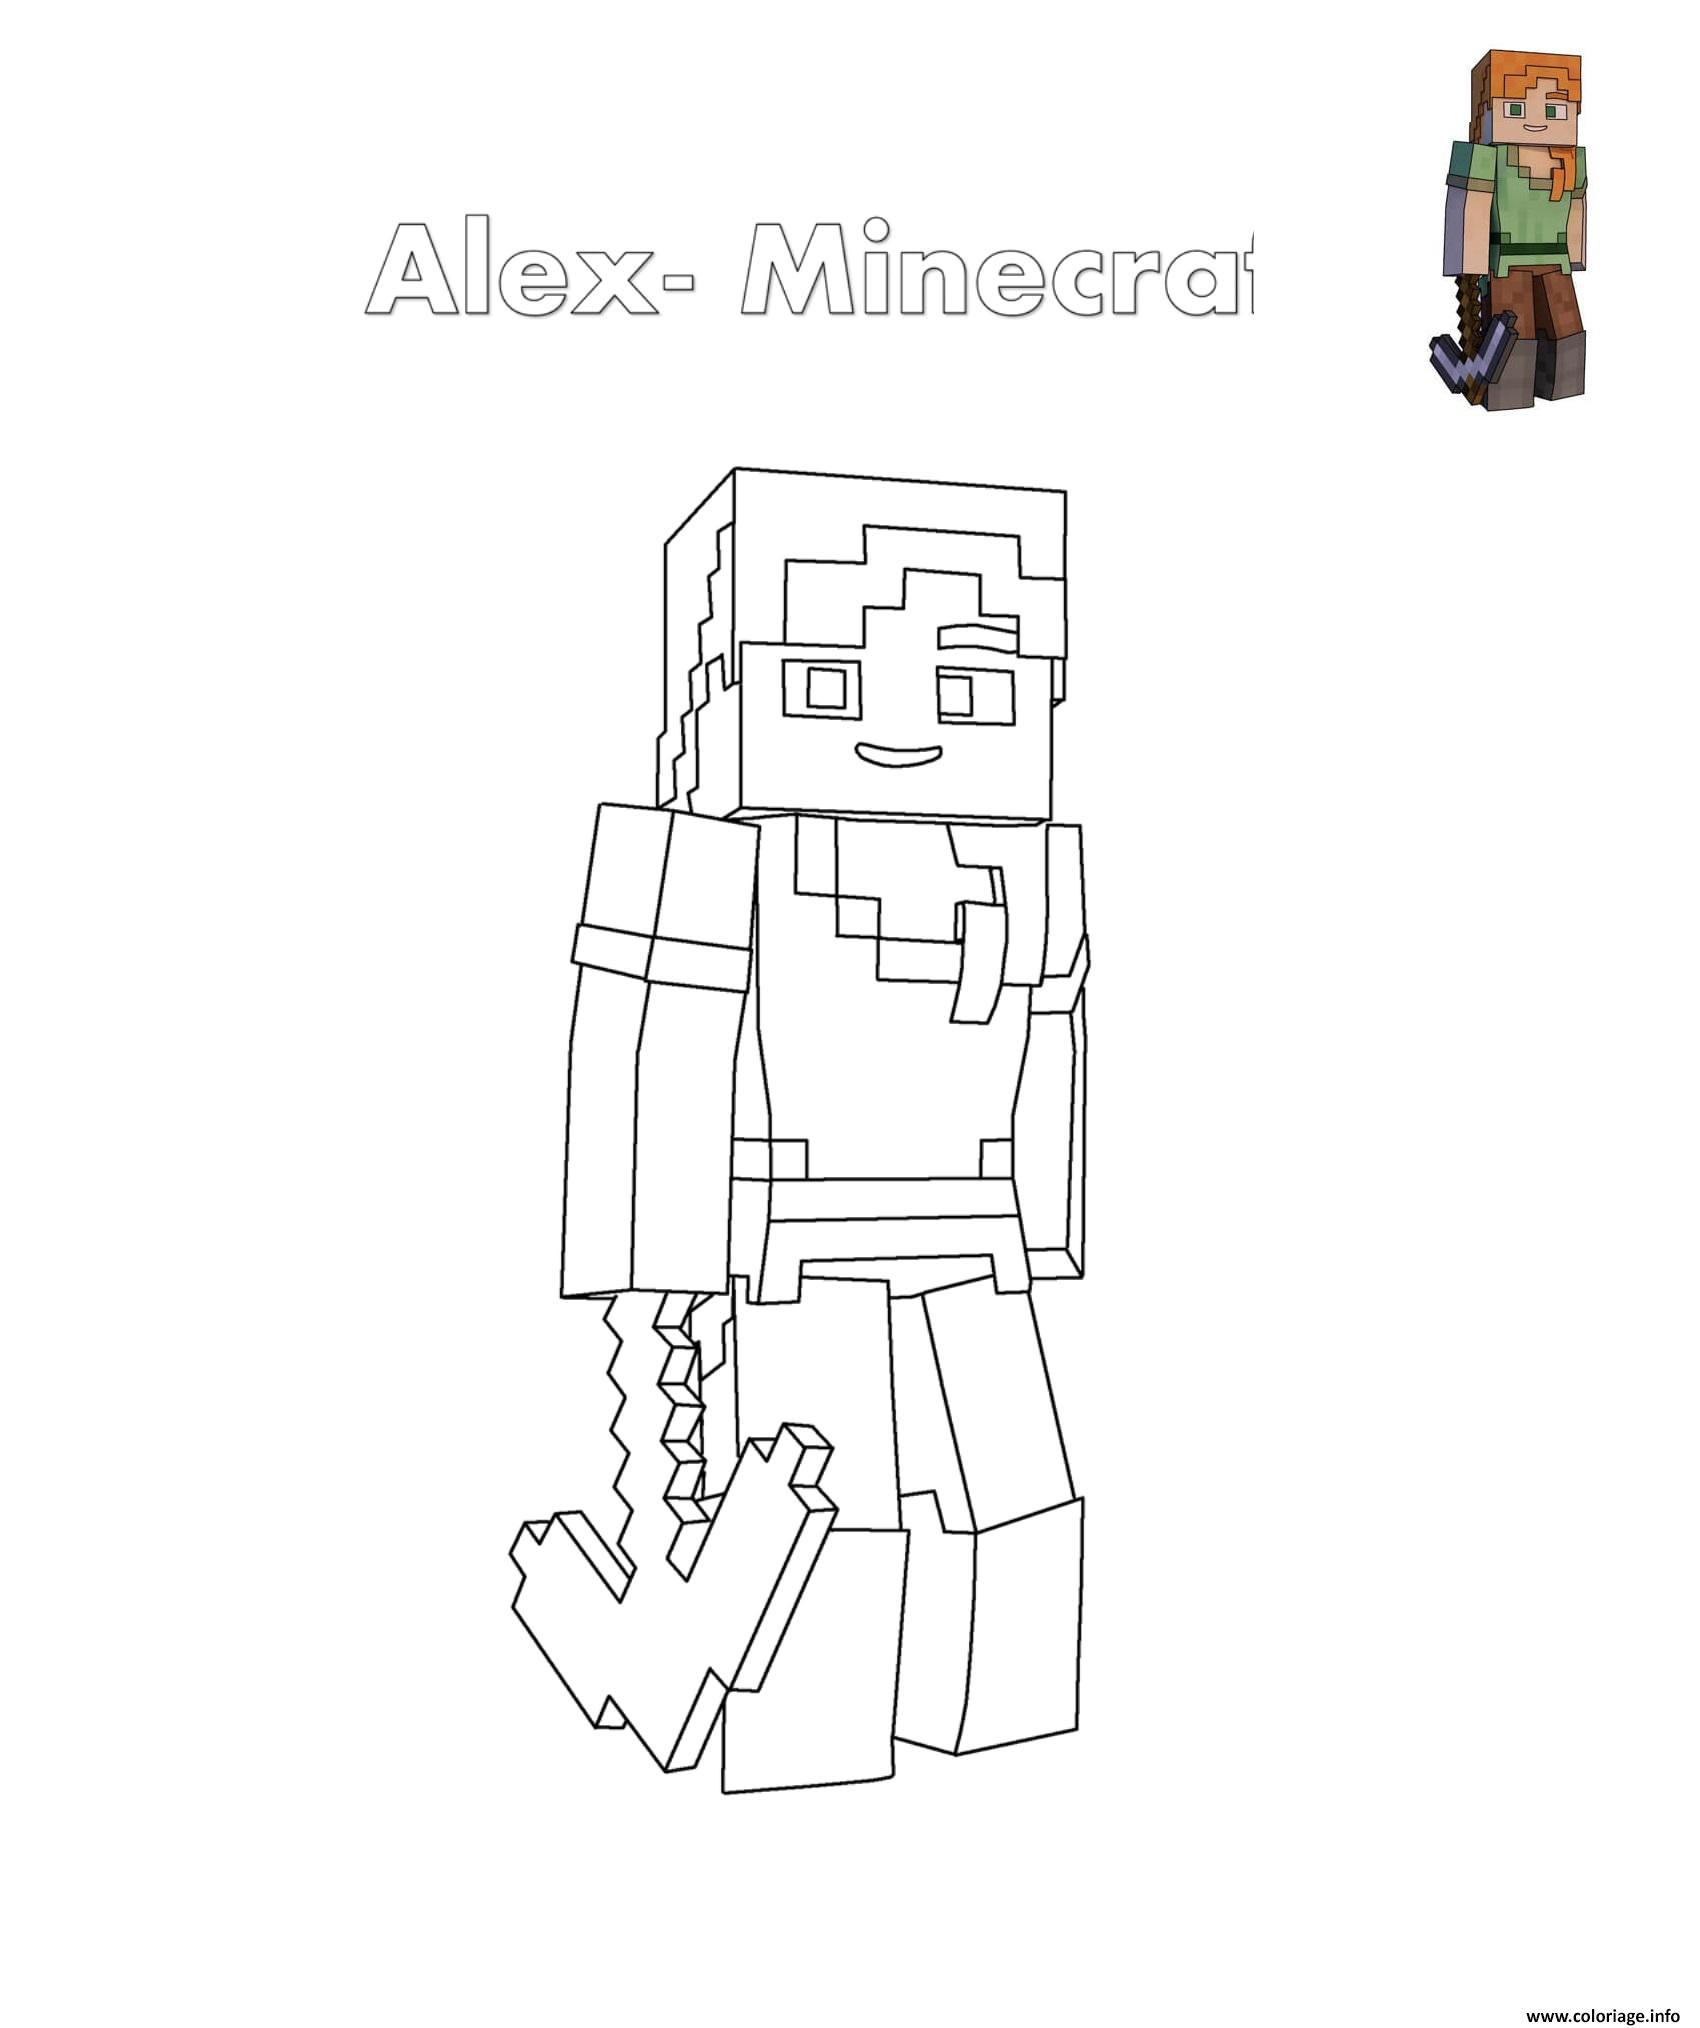 Meilleur De Dessin A Colorier Minecraft Enderman